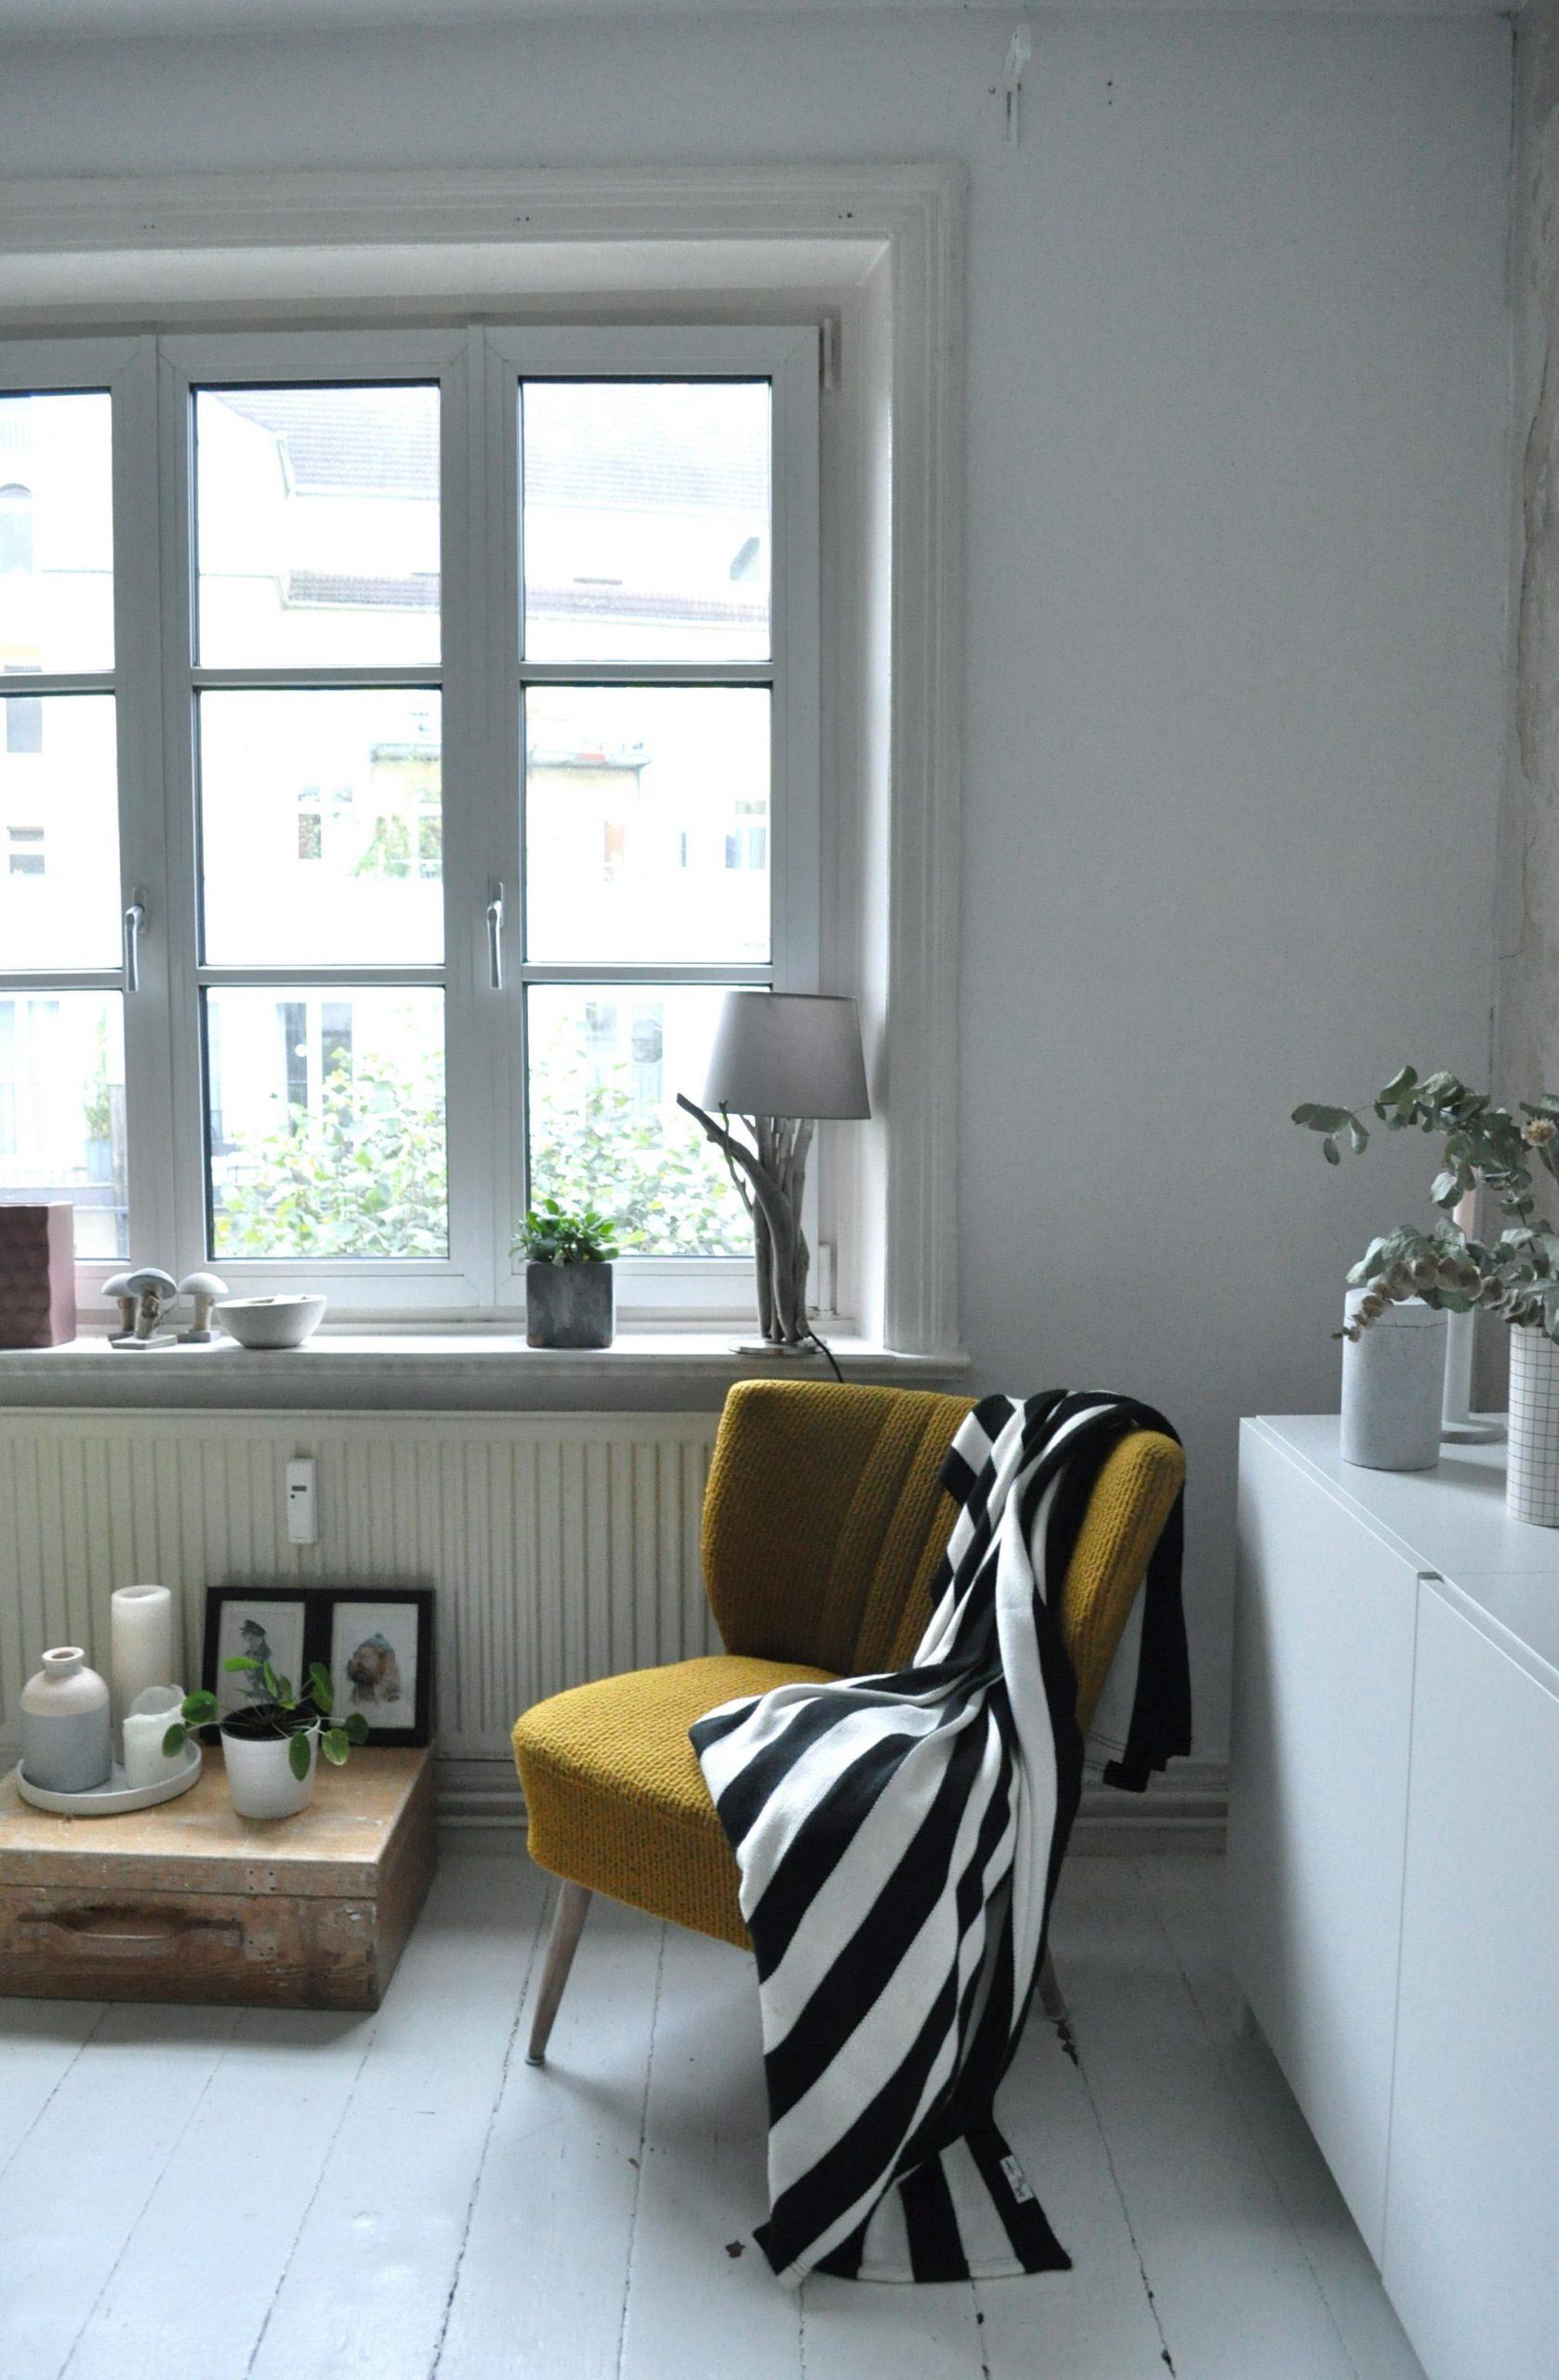 Full Size of Wohnzimmer Sessel Leder Wohnzimmer Sessel Gelb Wohnzimmer Sessel Bei Ikea Wohnzimmer Sessel Mit Aufstehhilfe Wohnzimmer Wohnzimmer Sessel